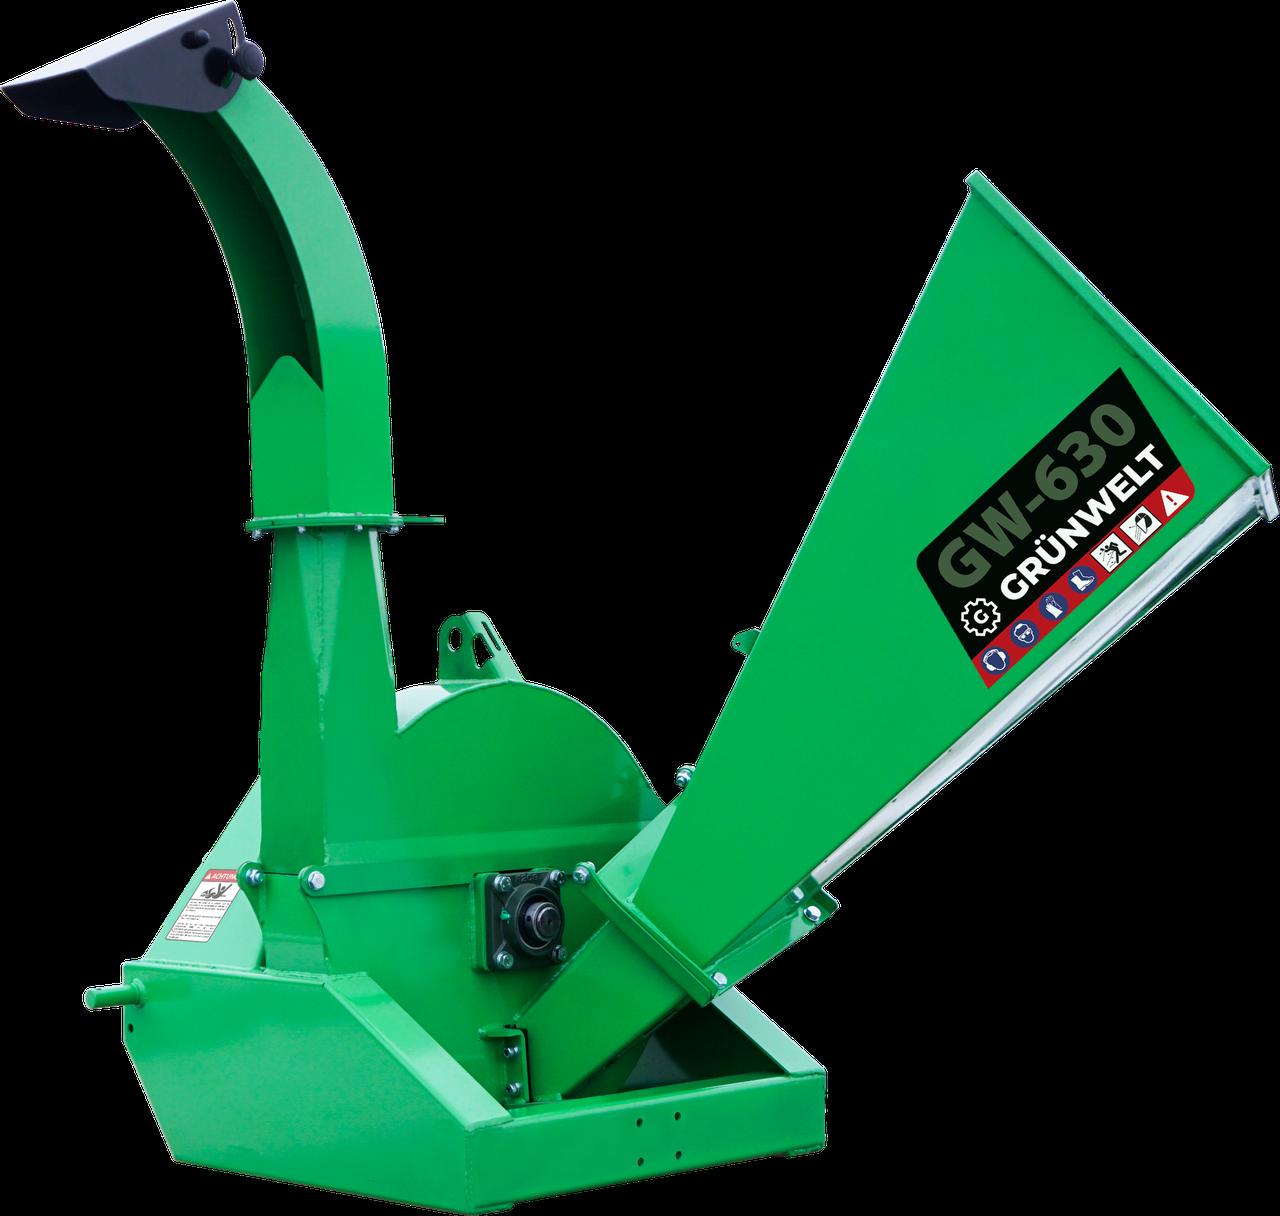 Щепорез GrunWelt GW-630 (120 мм, 4 ножа, ВОМ, 25 л.с.)